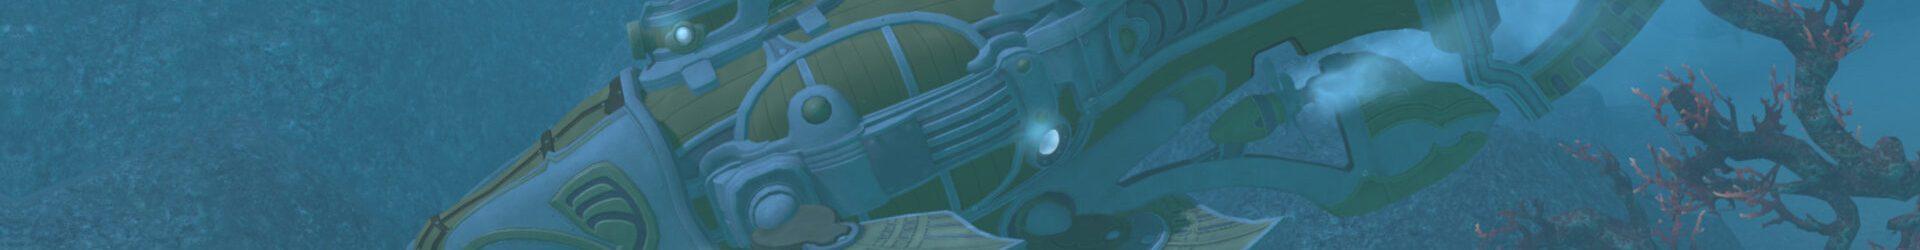 飛空艇と潜水艦の組み合わせデータ